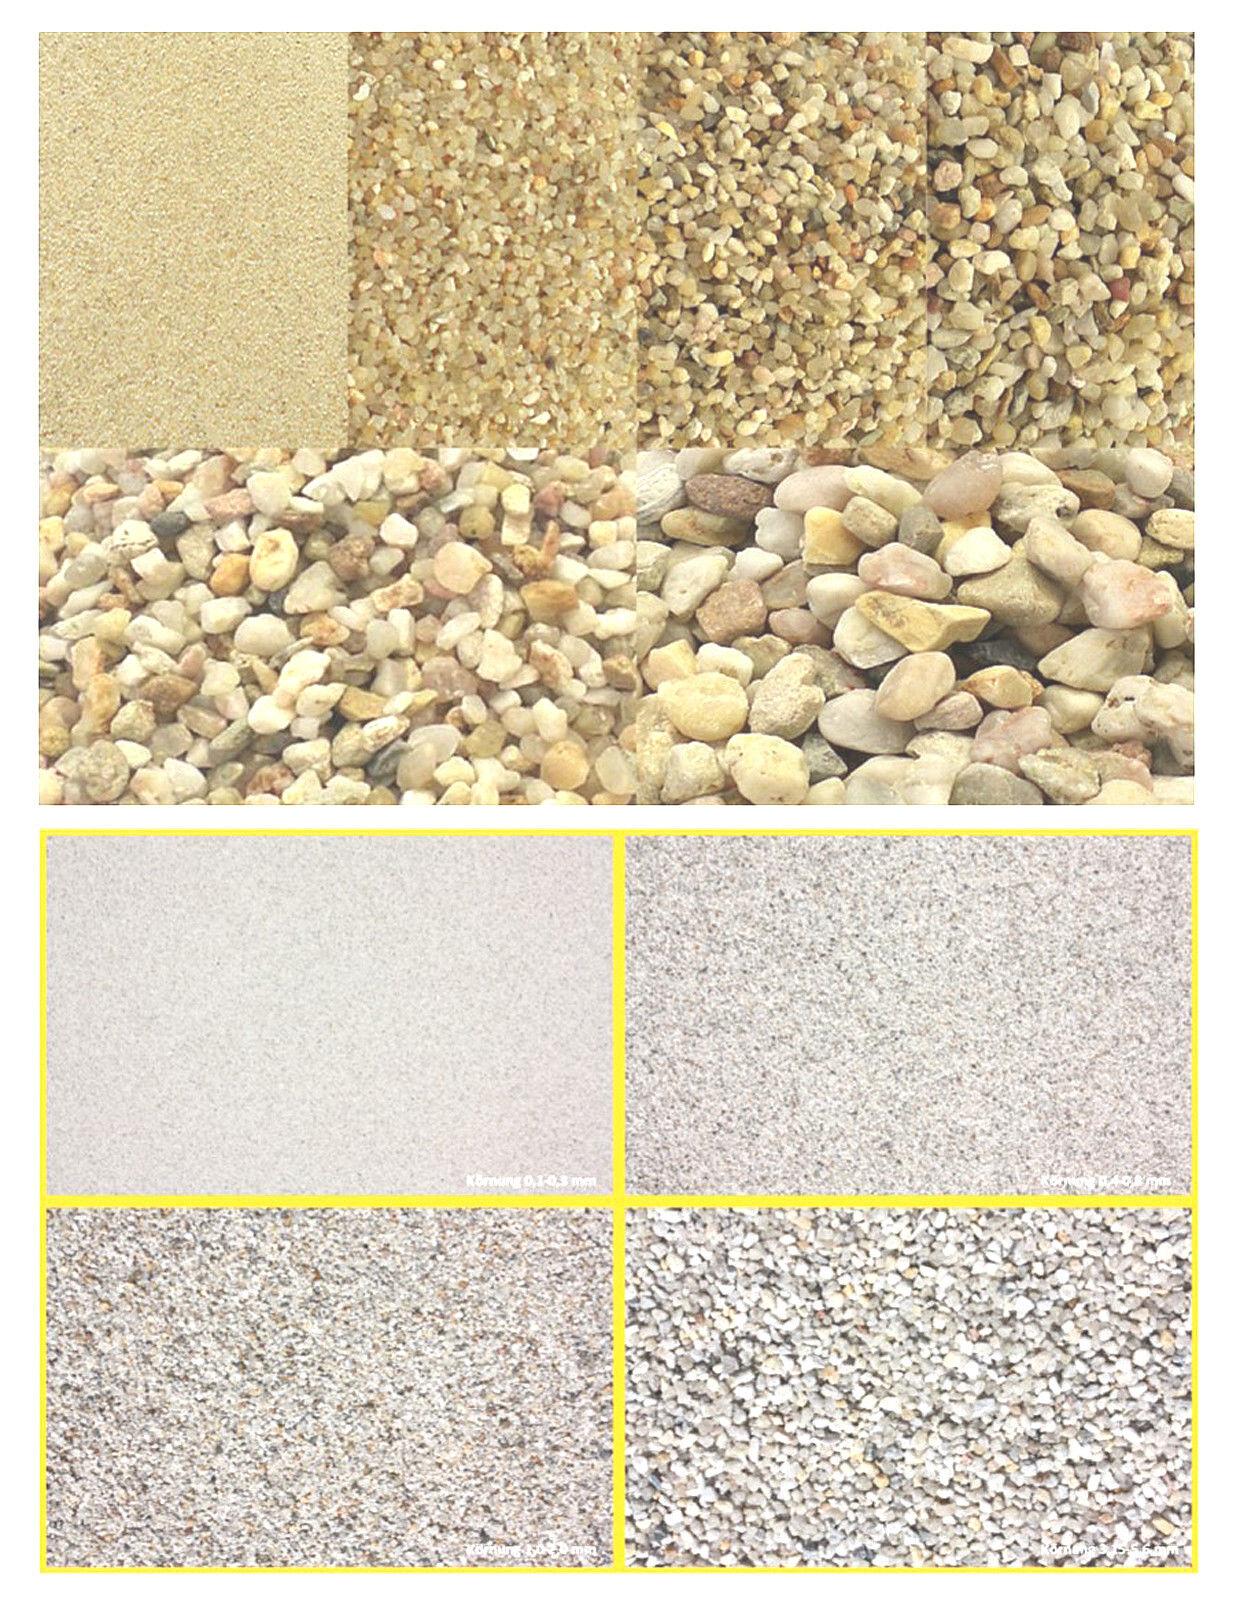 1 - 25 kg Aquariumsand Aquariumkies Aquariensand Aquarienkies Bodengrund Auswahl